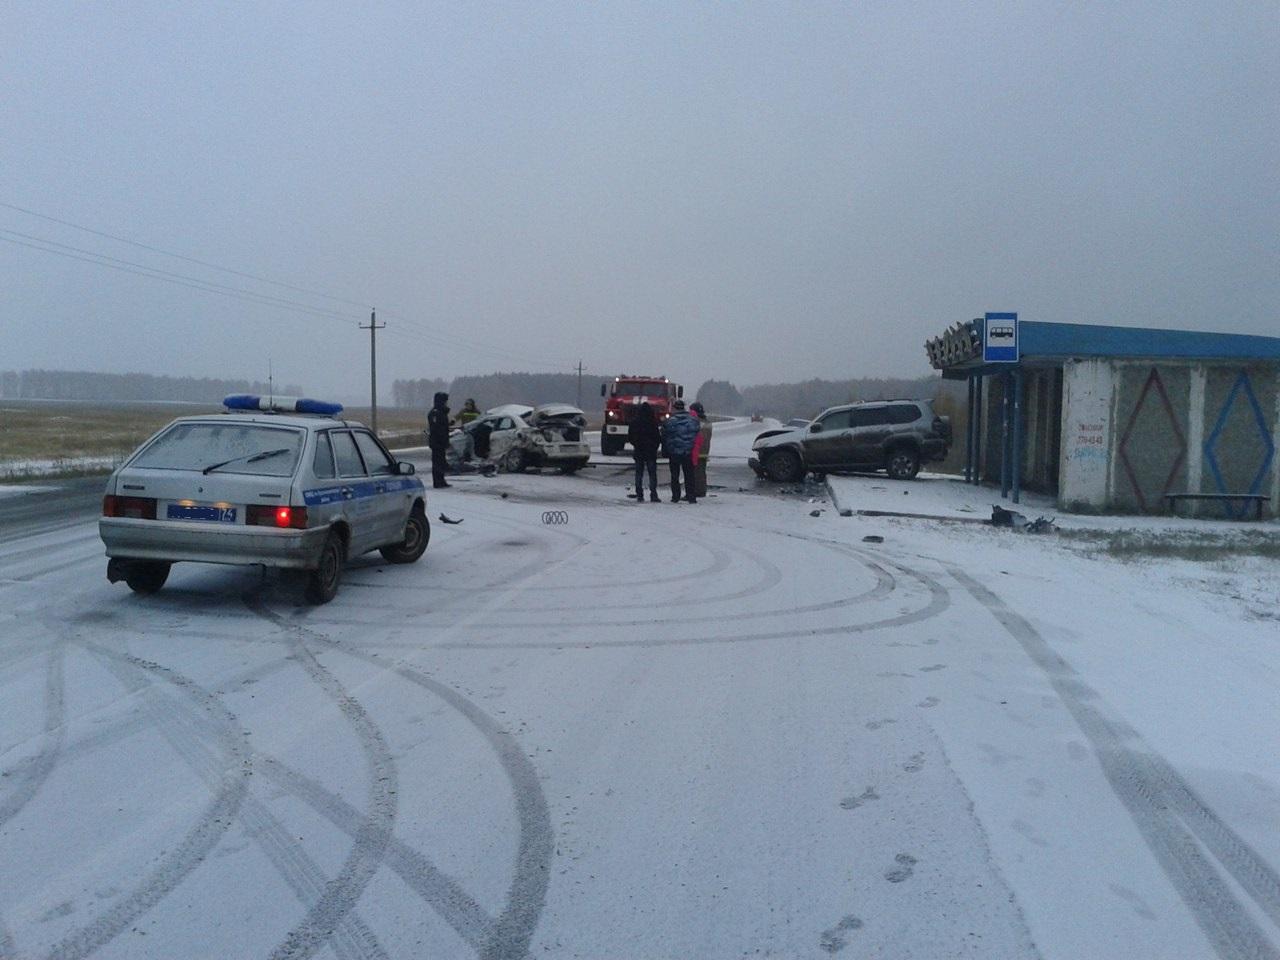 ВДТП стремя машинами вКрасноармейском районе погибли 2 человека